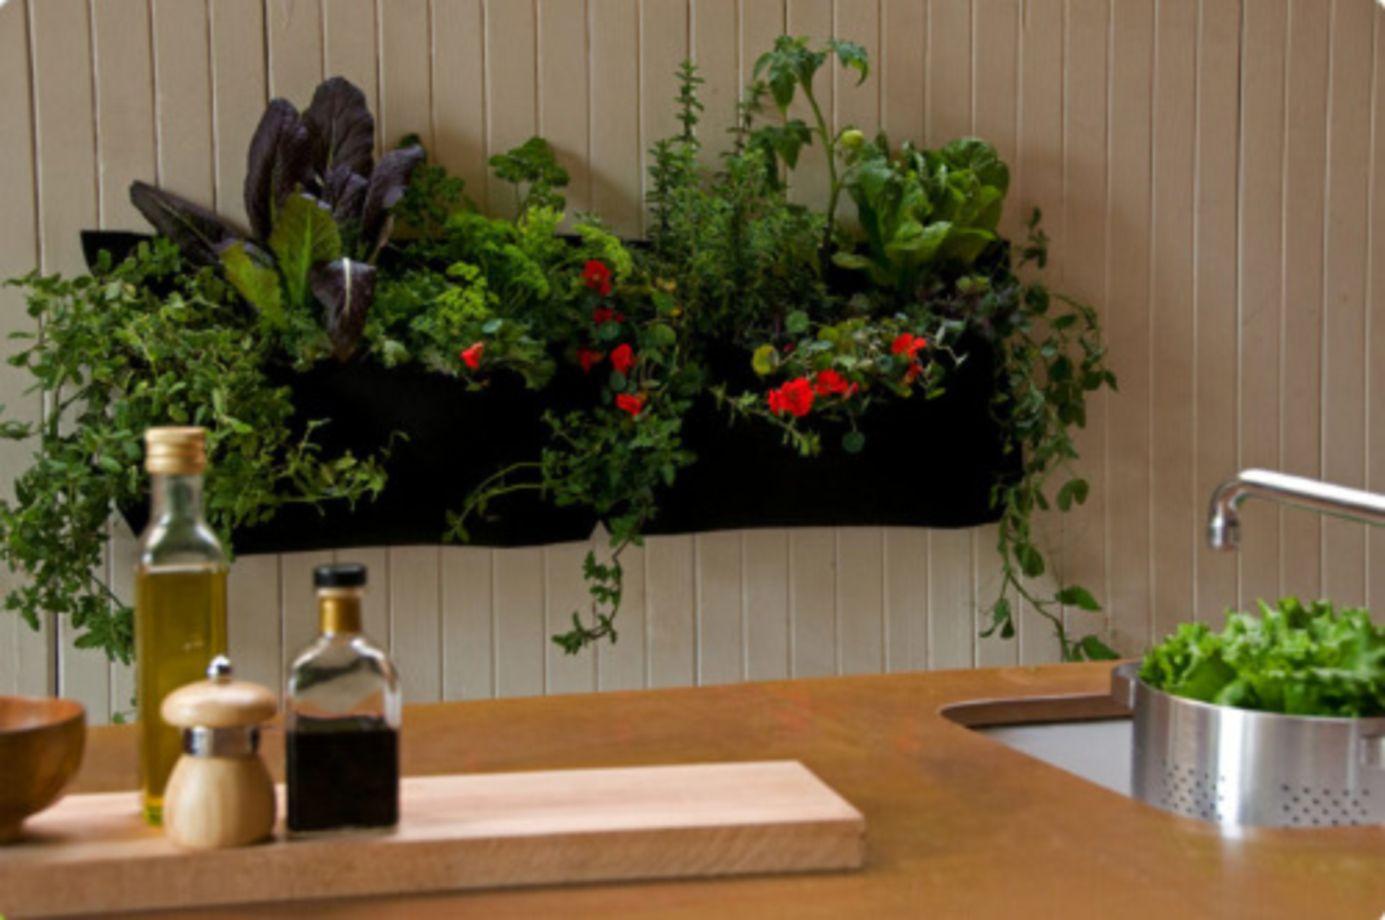 23 Amazing Indoor Wall Herb Garden Ideas